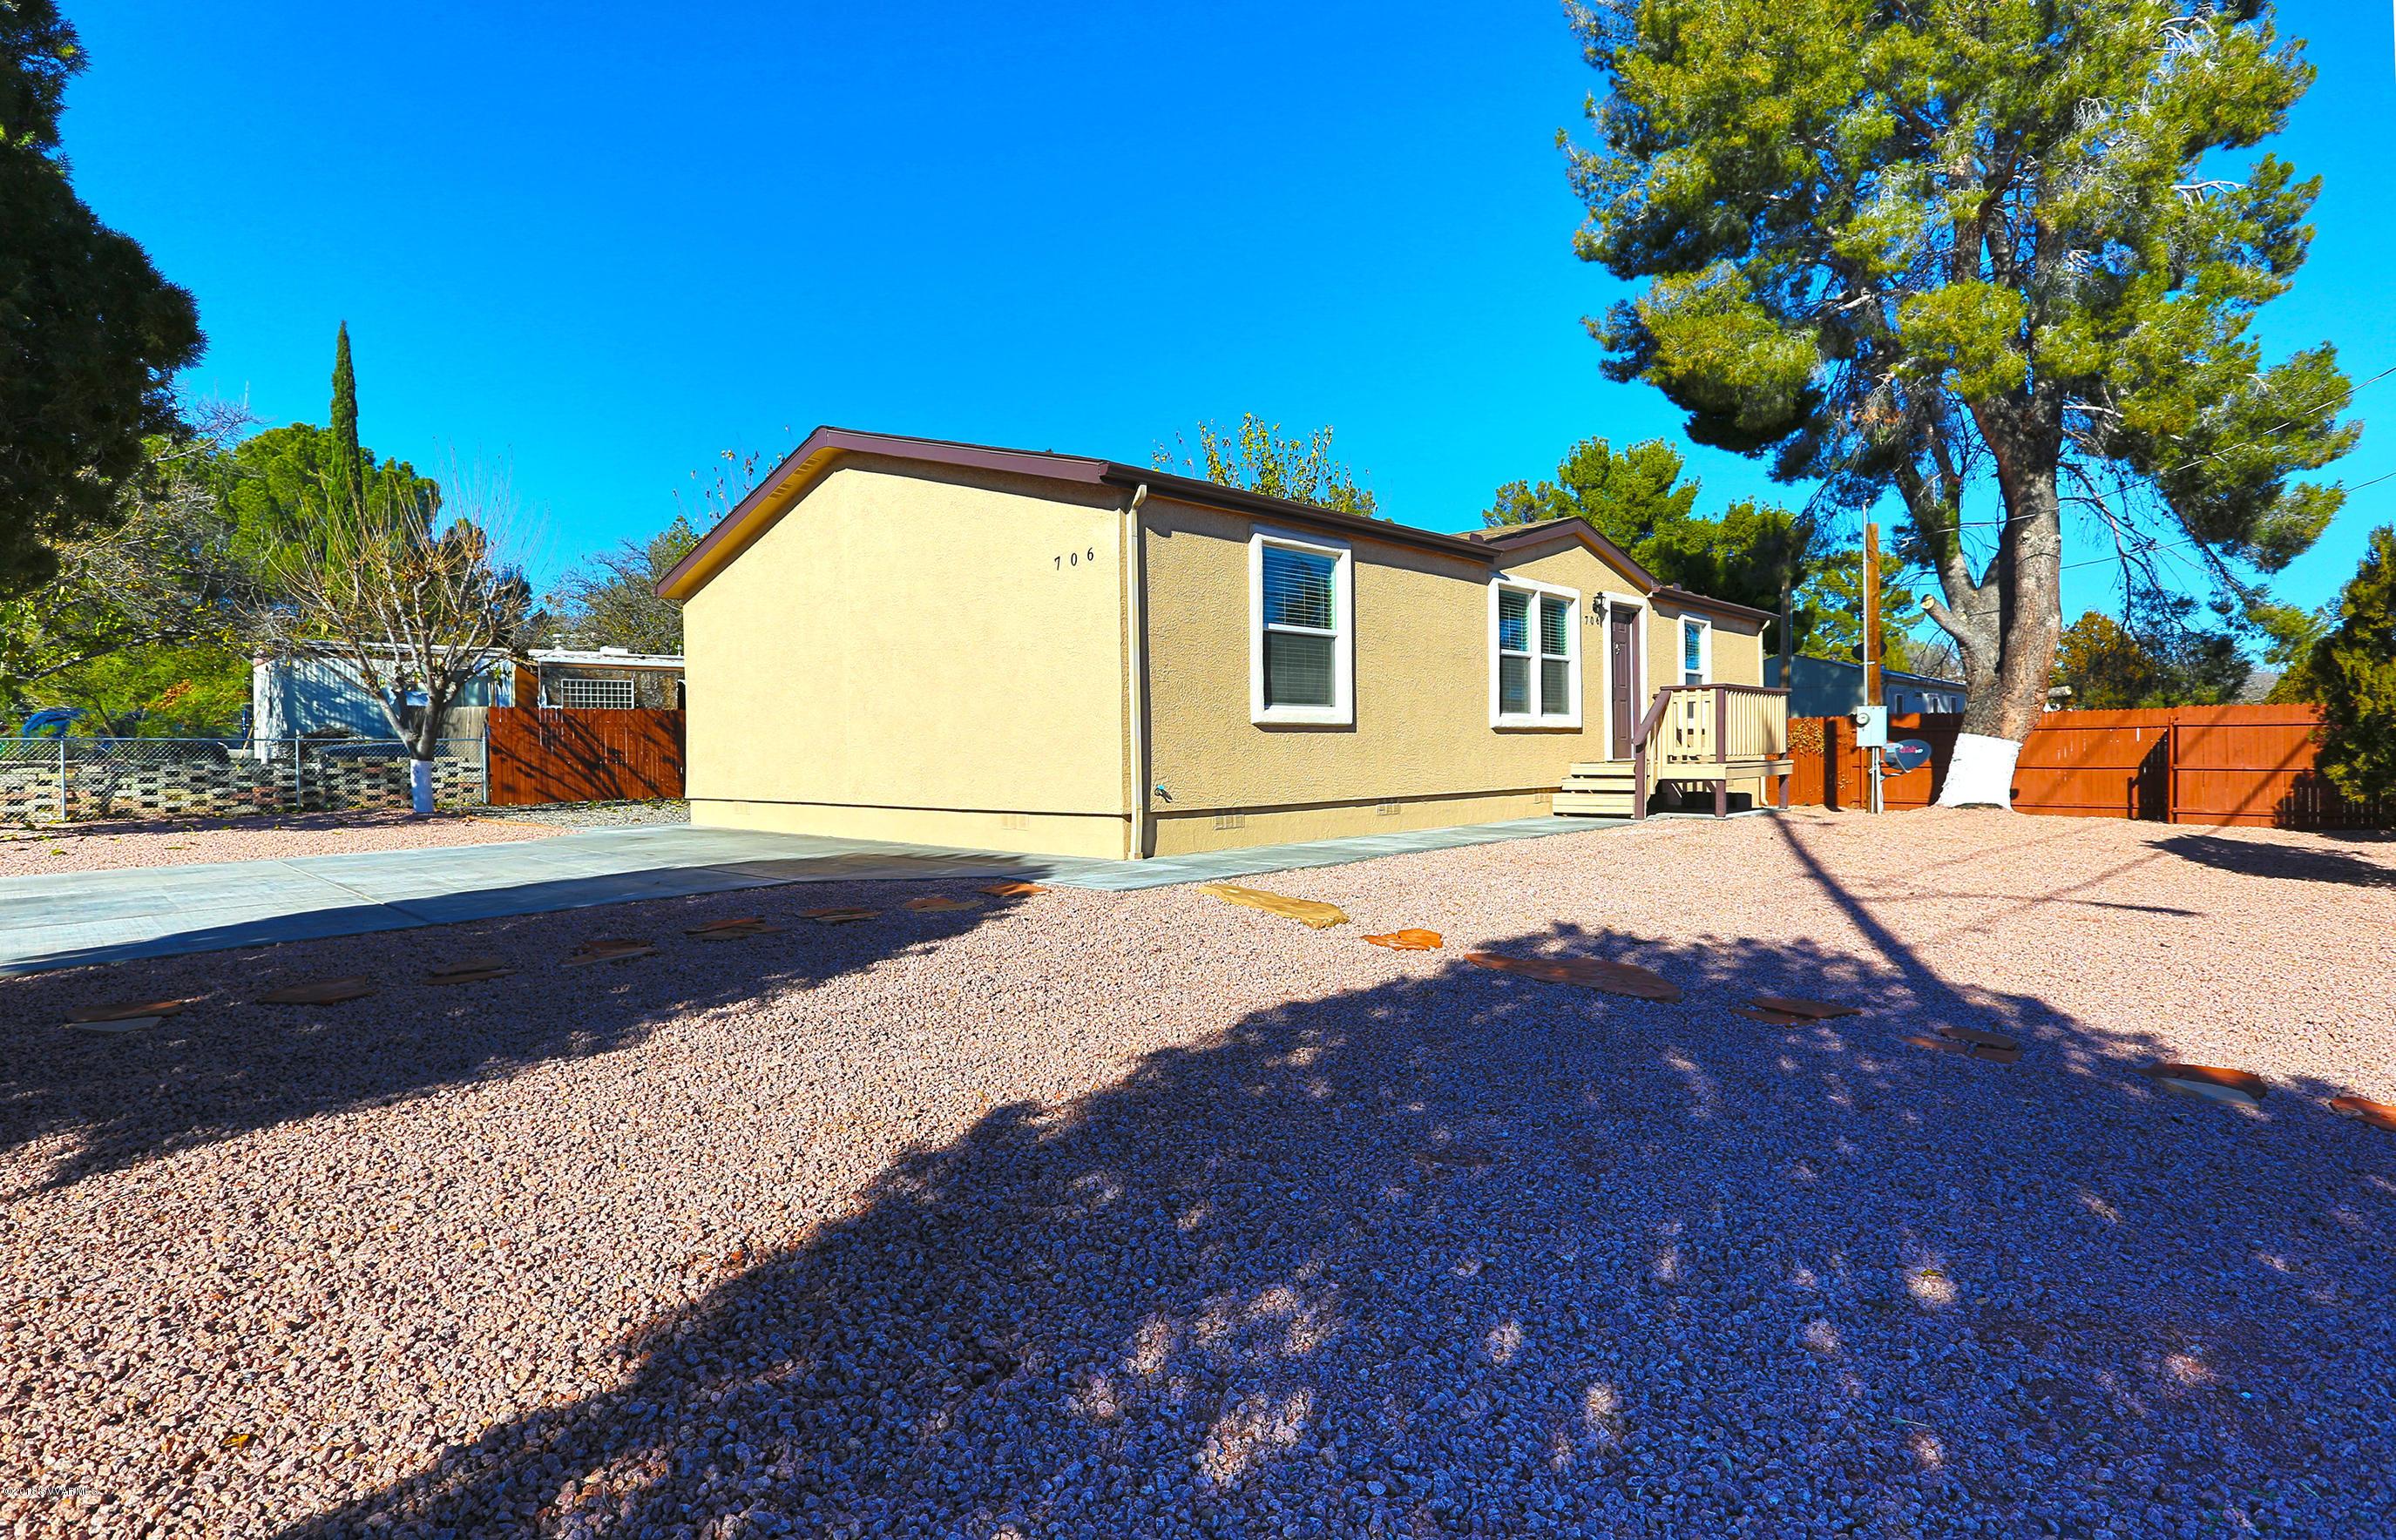 706 S 6TH St Cottonwood, AZ 86326